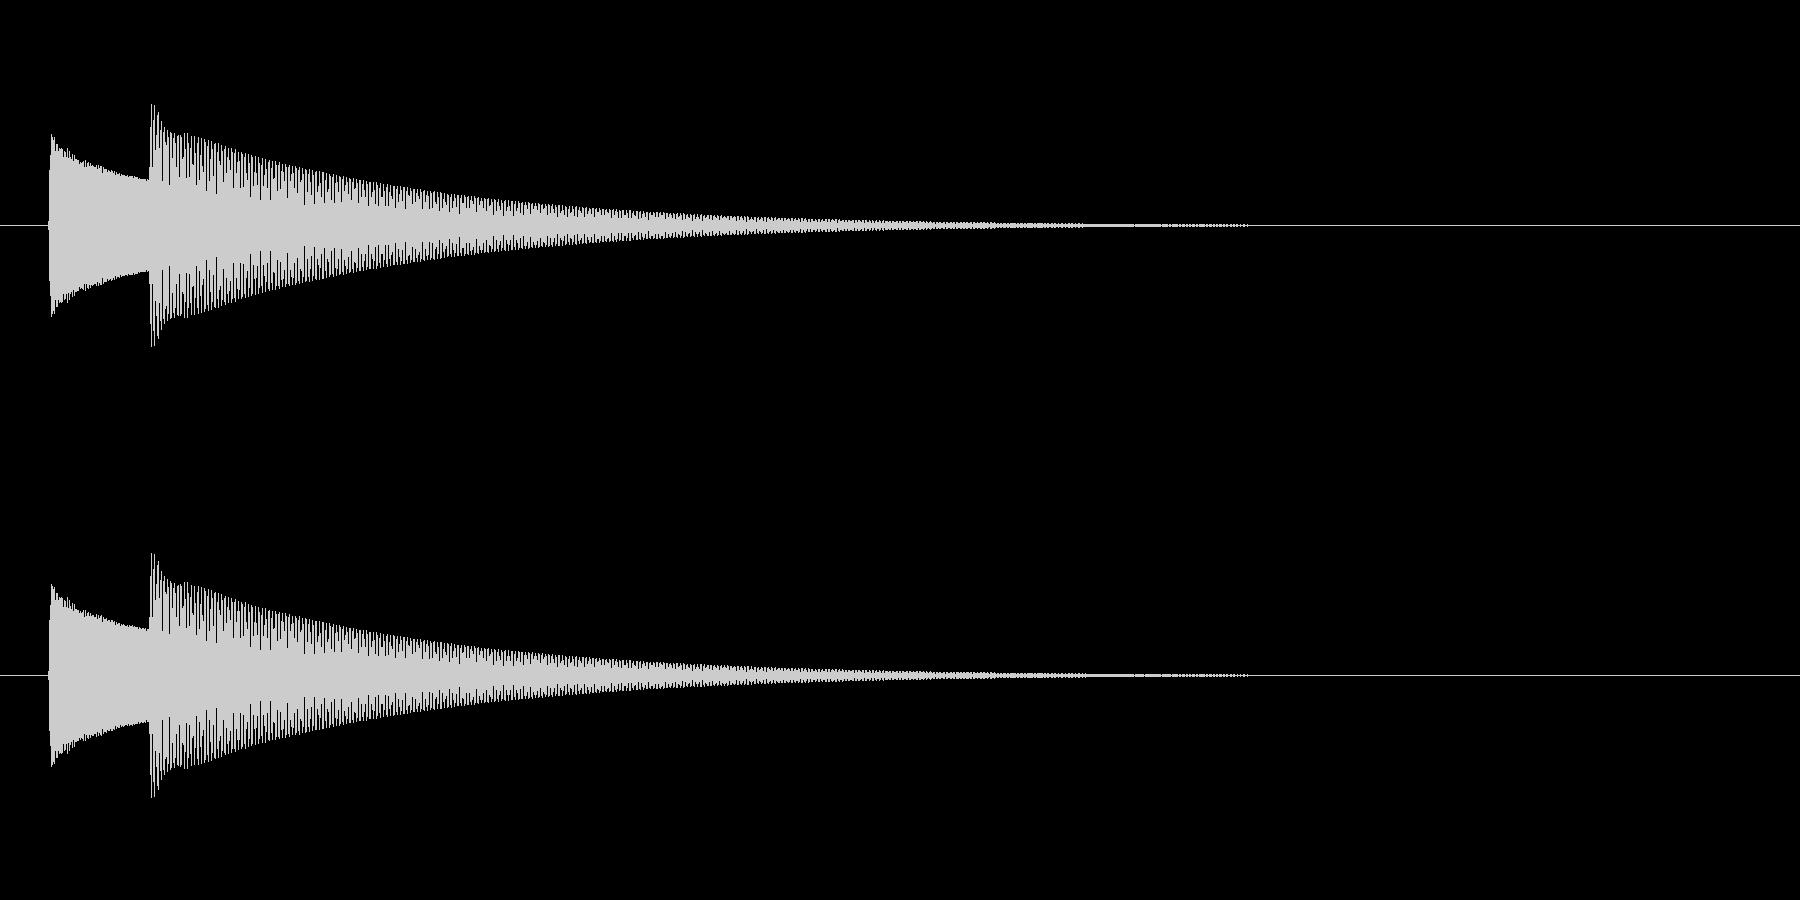 【ドアベル ピンポン02-1】の未再生の波形